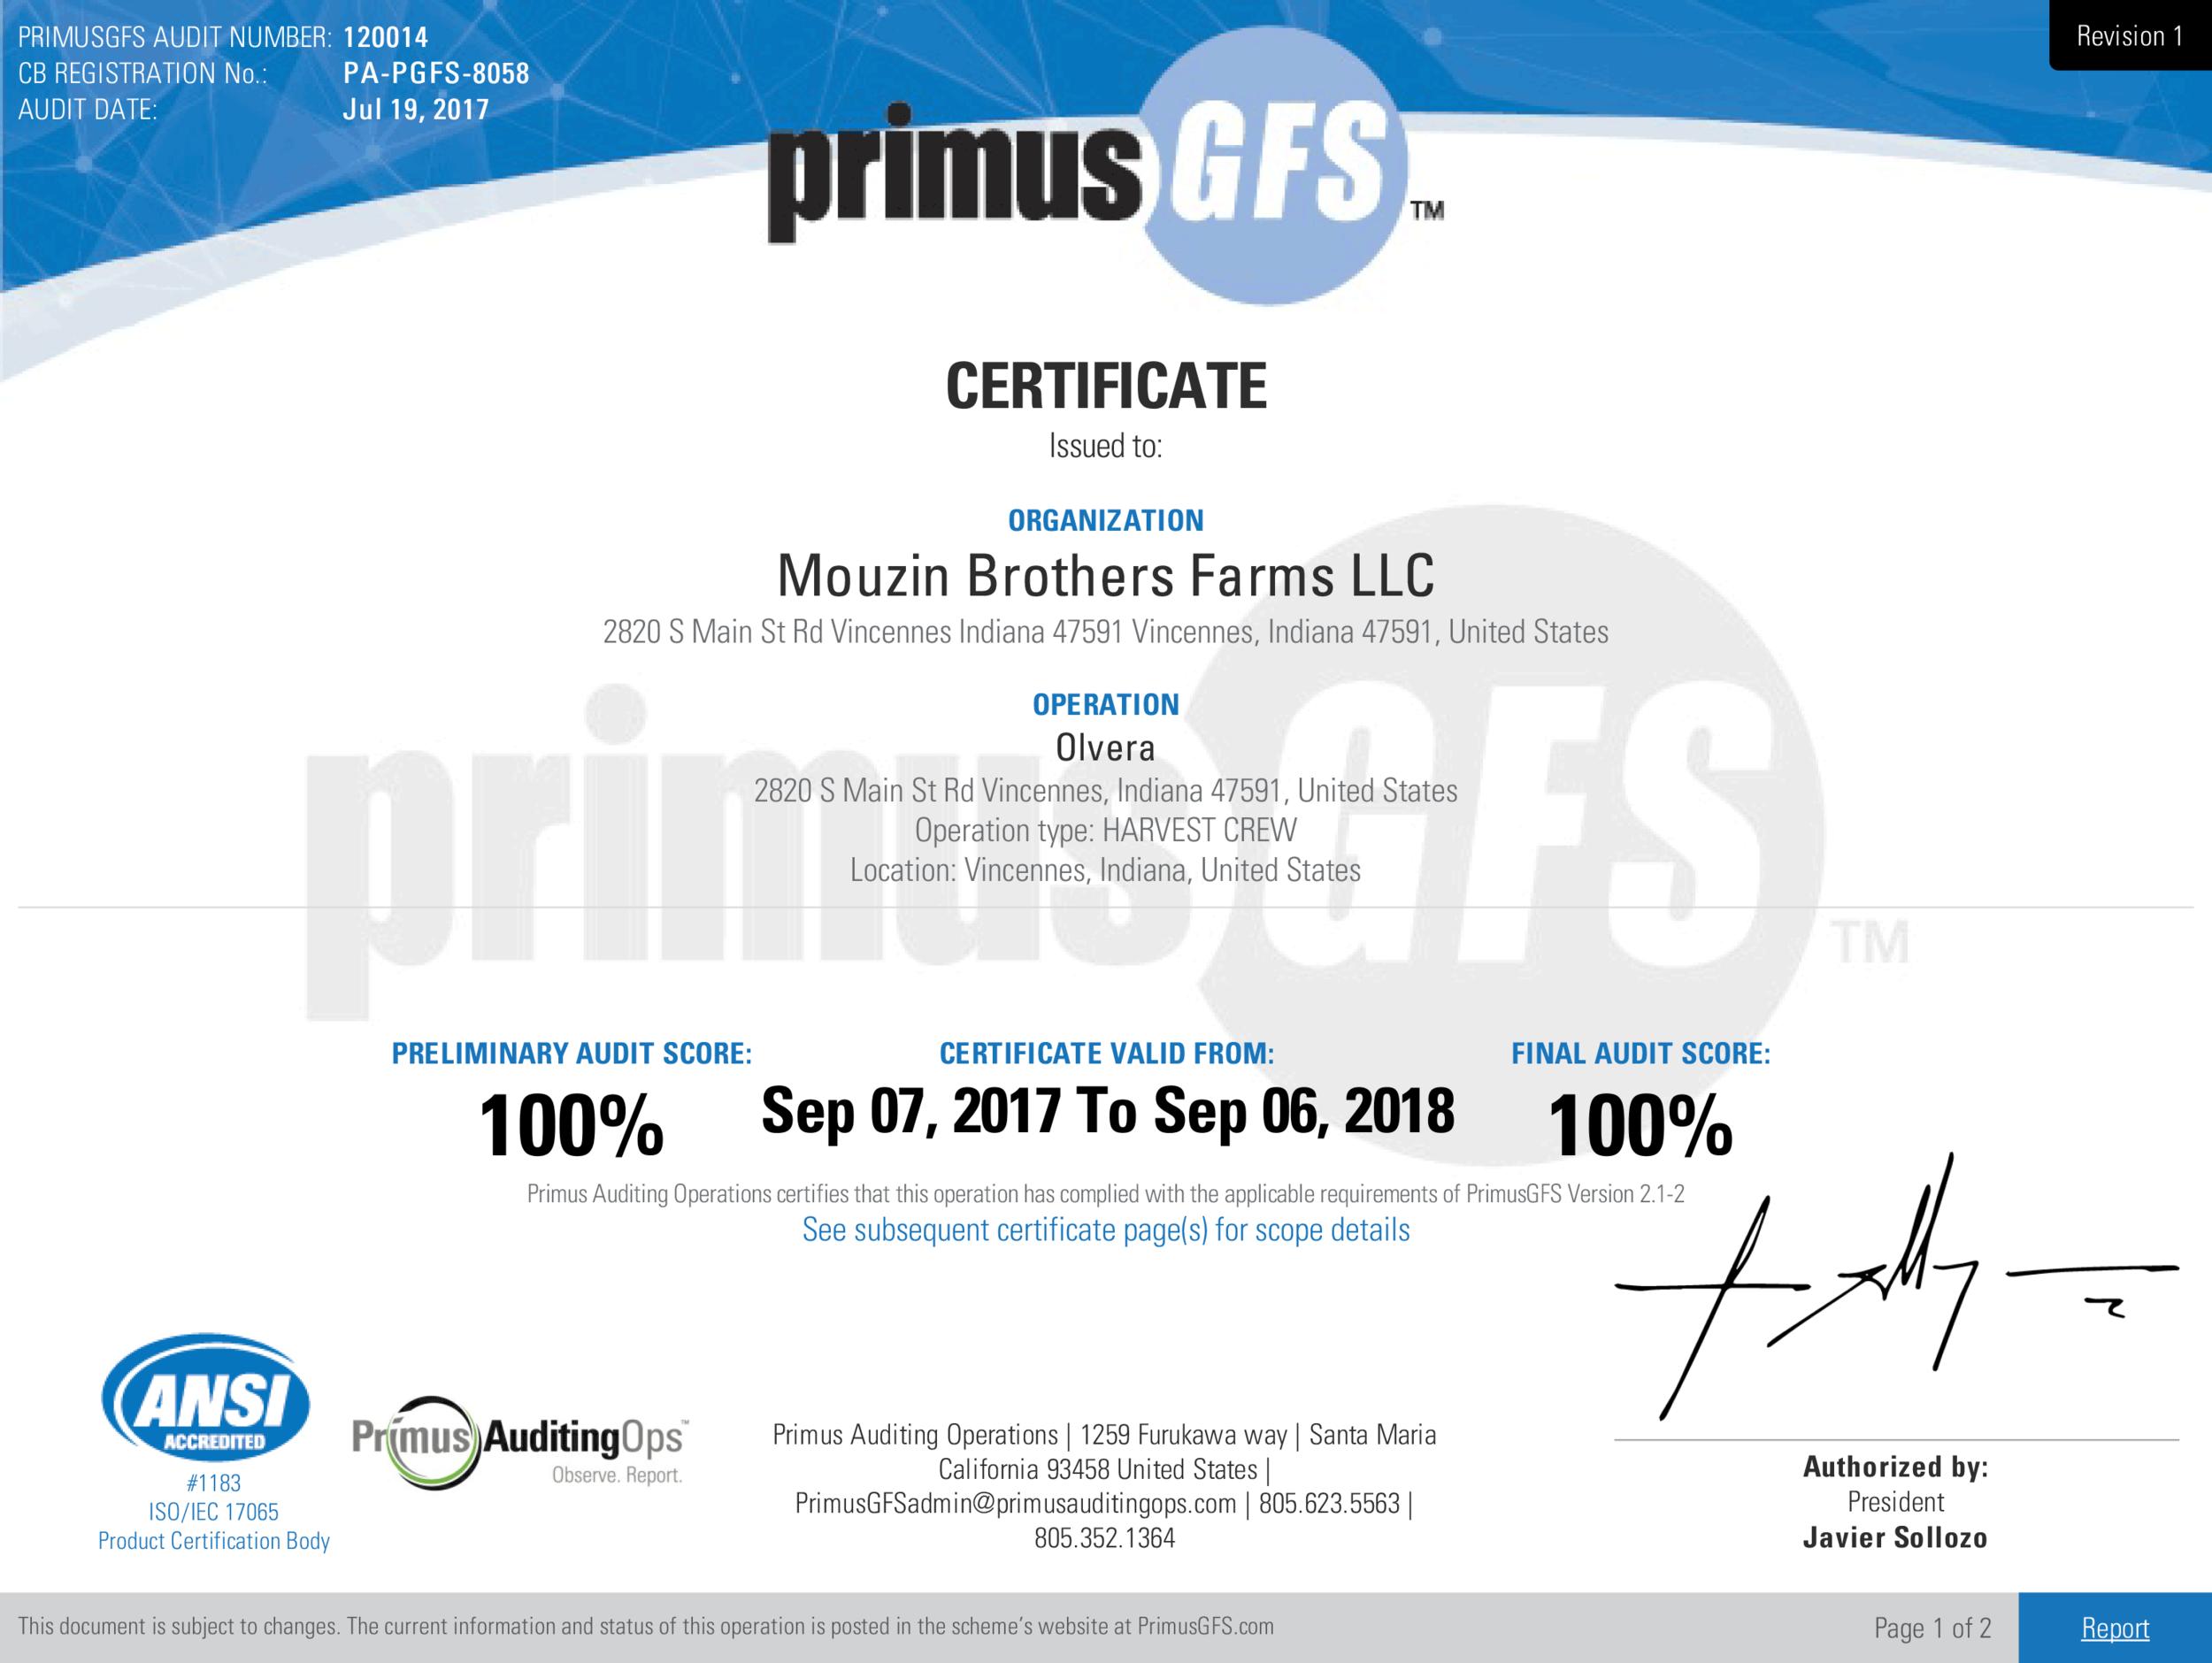 Primus-GFS---Harvest-Crew-Olvera-1.png